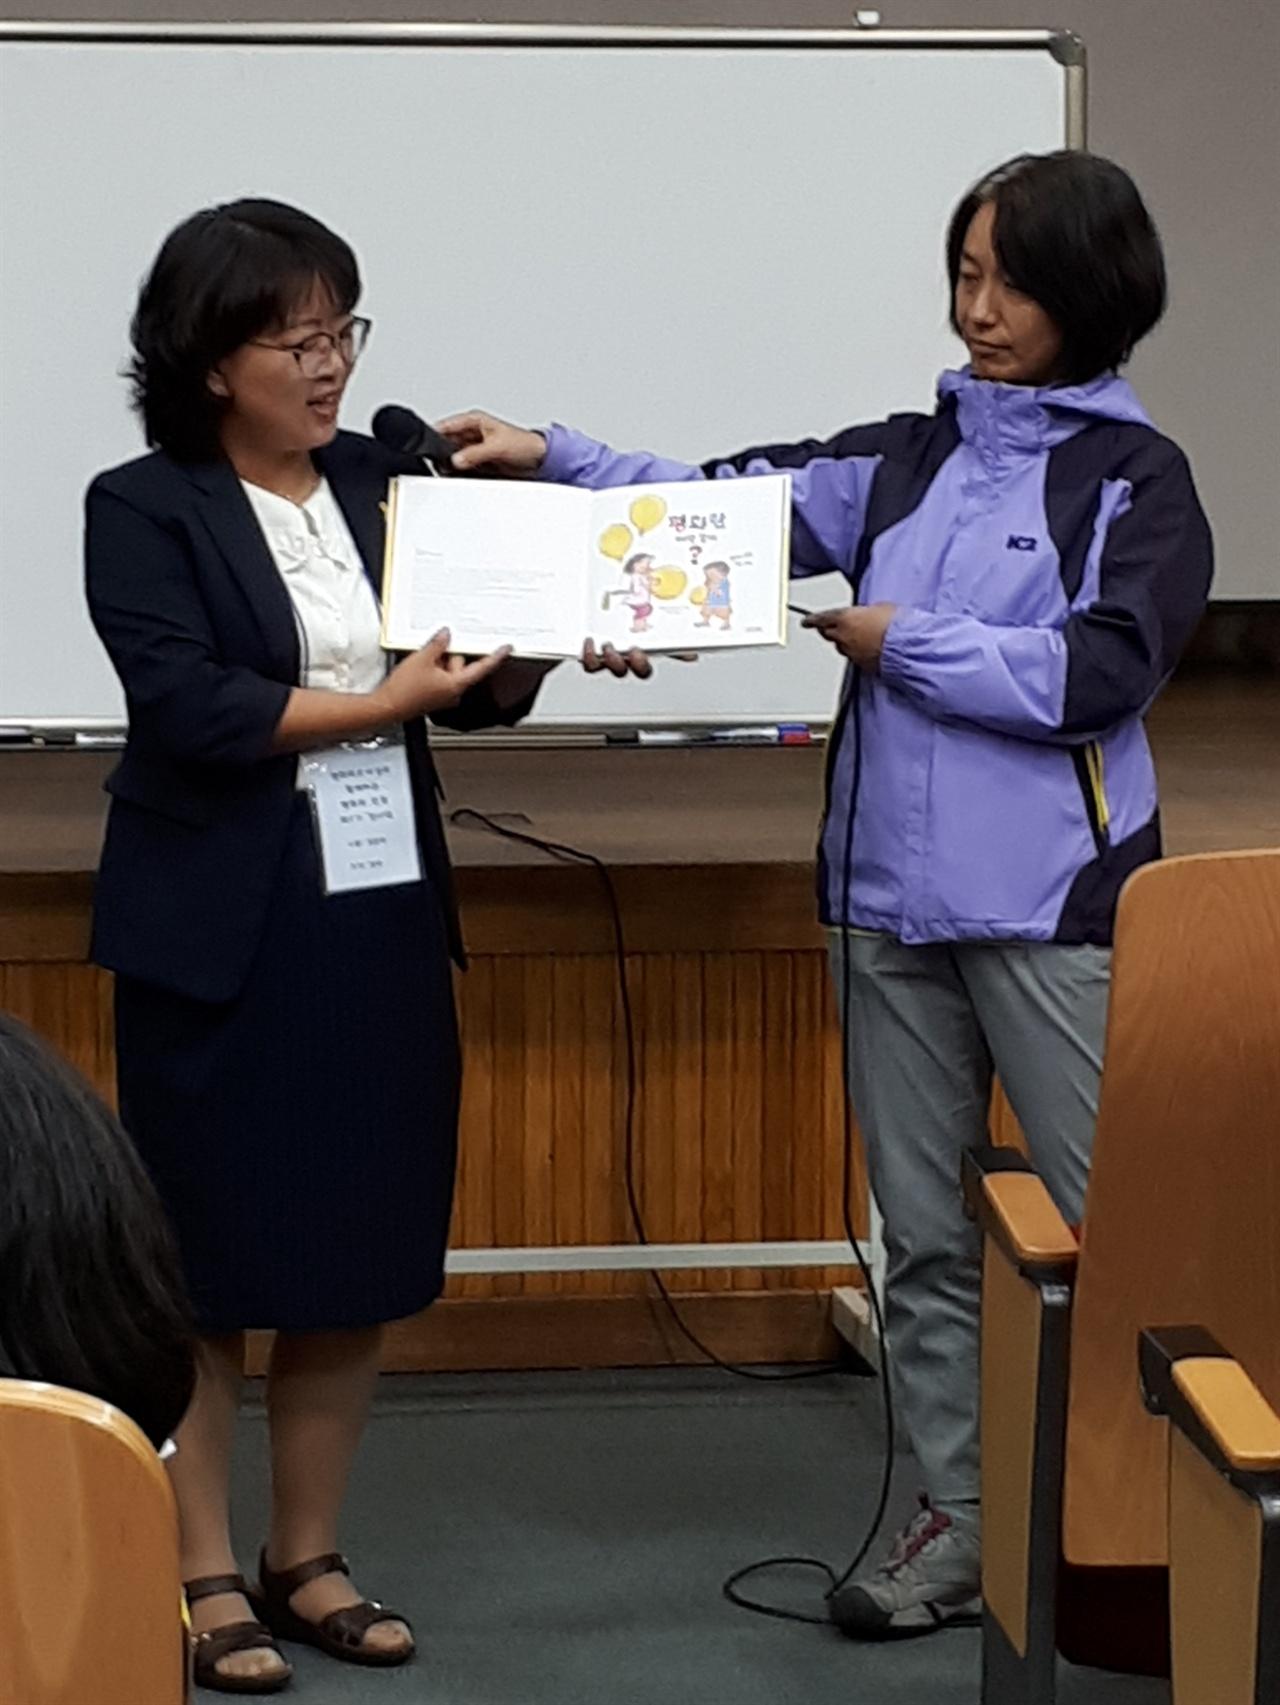 동화 구연을 하는 김승애 대표 평화인권센터장이자 이날 교육의 사회를 맡은 김승애 대표가 휴식시간을 이용하여 하마다 게이코 글, 그림의 <평화란 어떤 걸까?> 동화 구연을 했다.